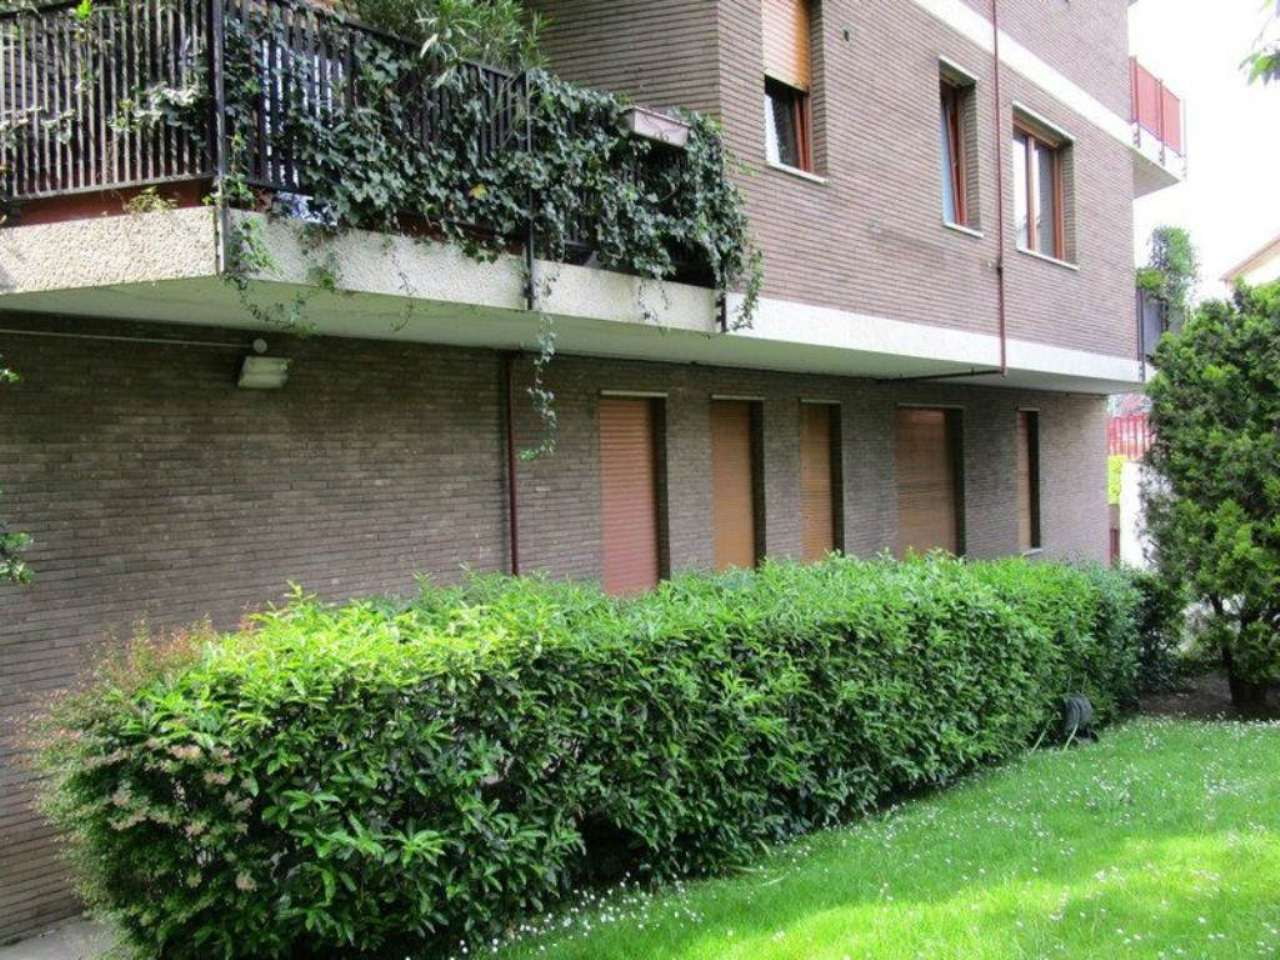 Ufficio / Studio in affitto a Monza, 4 locali, zona Zona: 7 . San Biagio, Cazzaniga, prezzo € 580   Cambio Casa.it